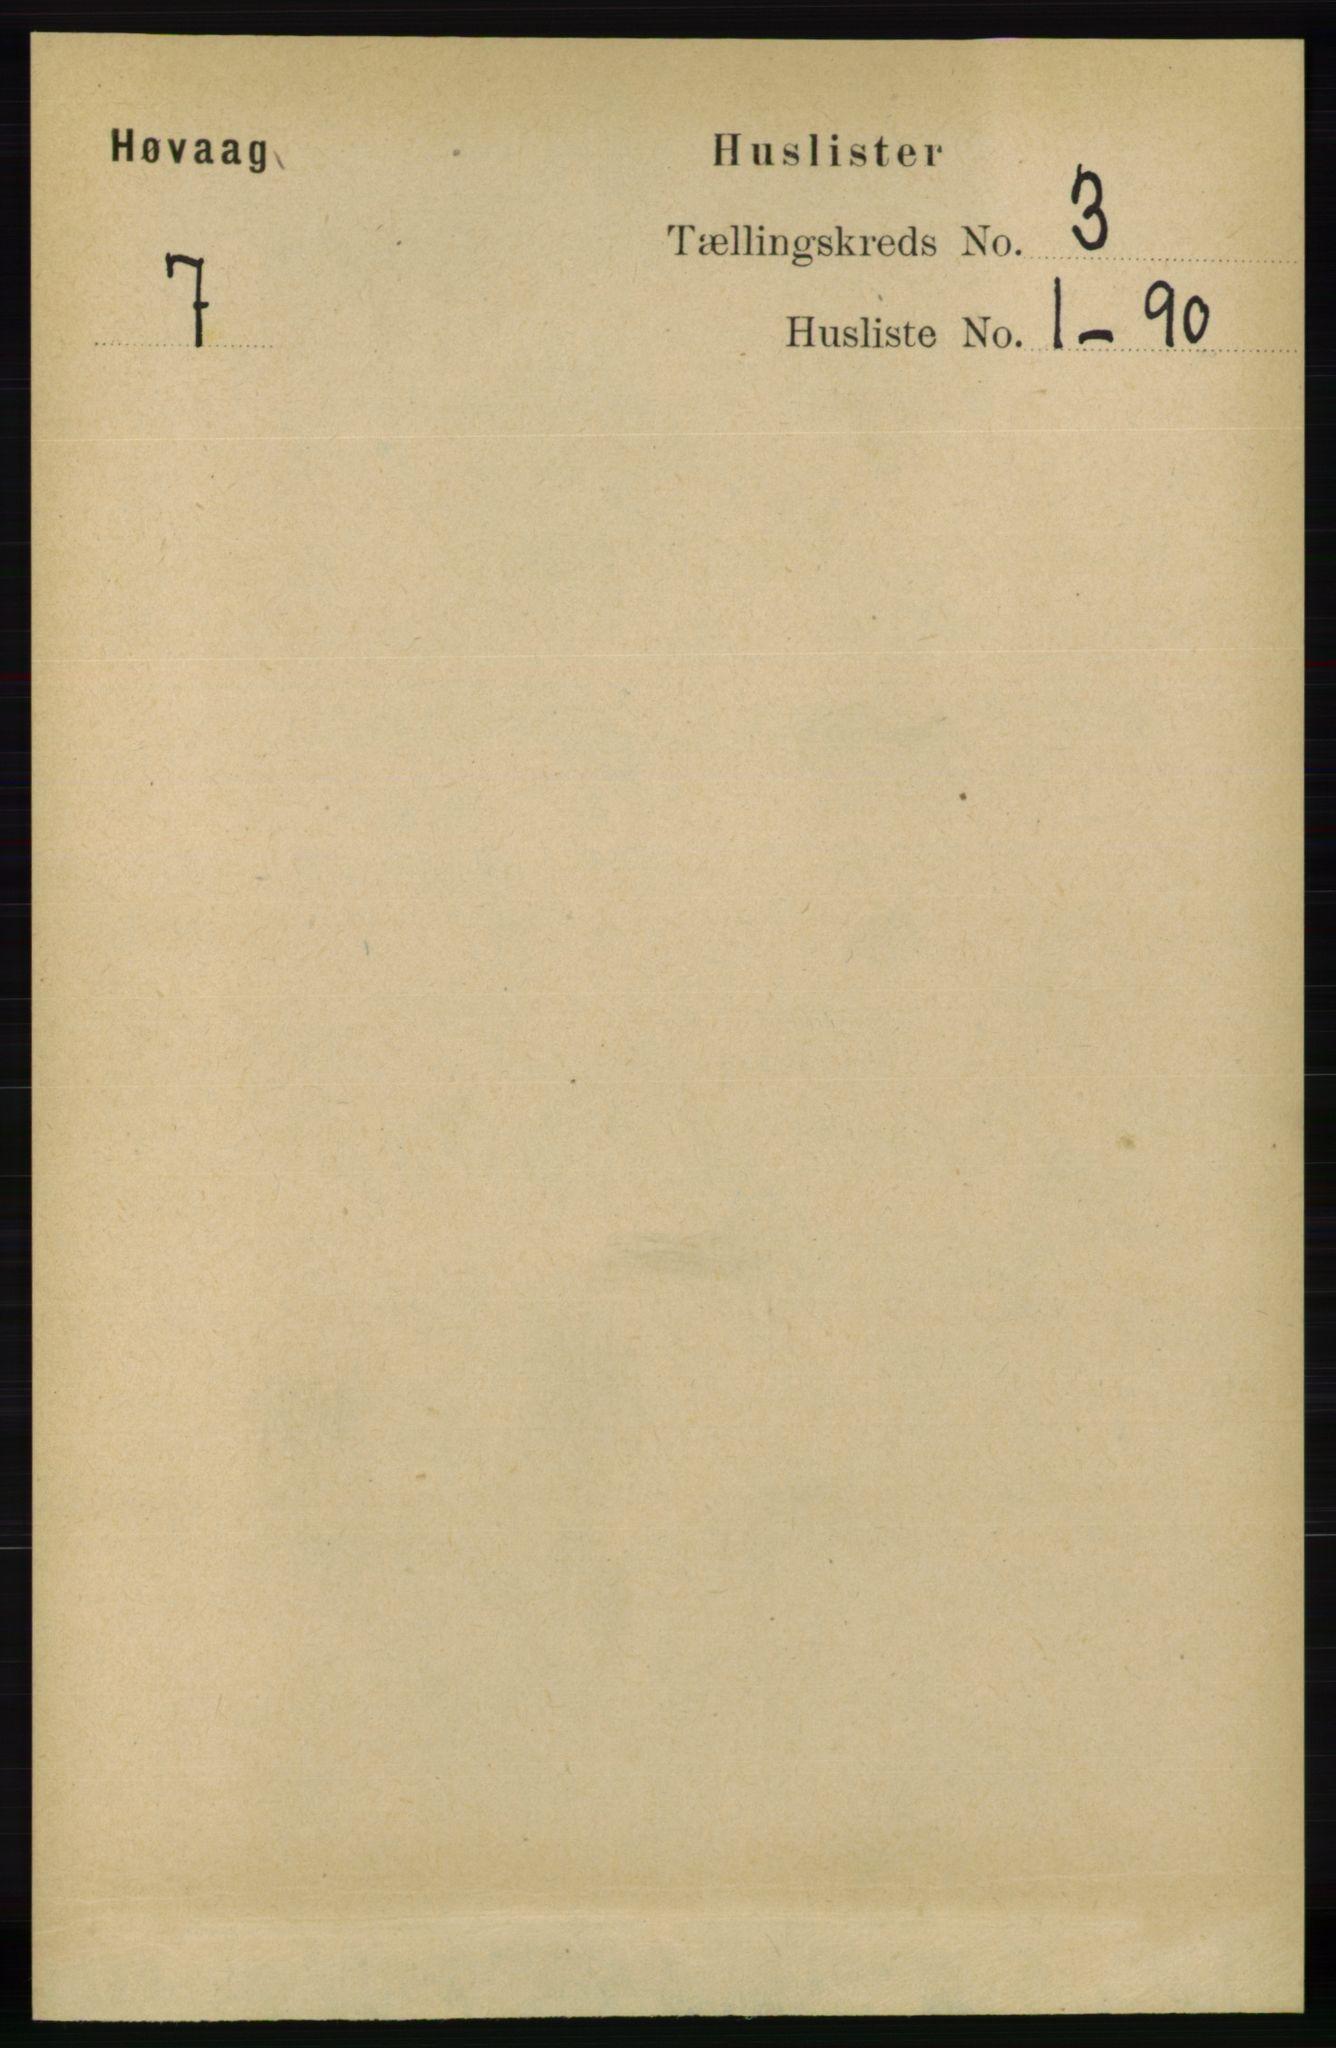 RA, Folketelling 1891 for 0927 Høvåg herred, 1891, s. 918